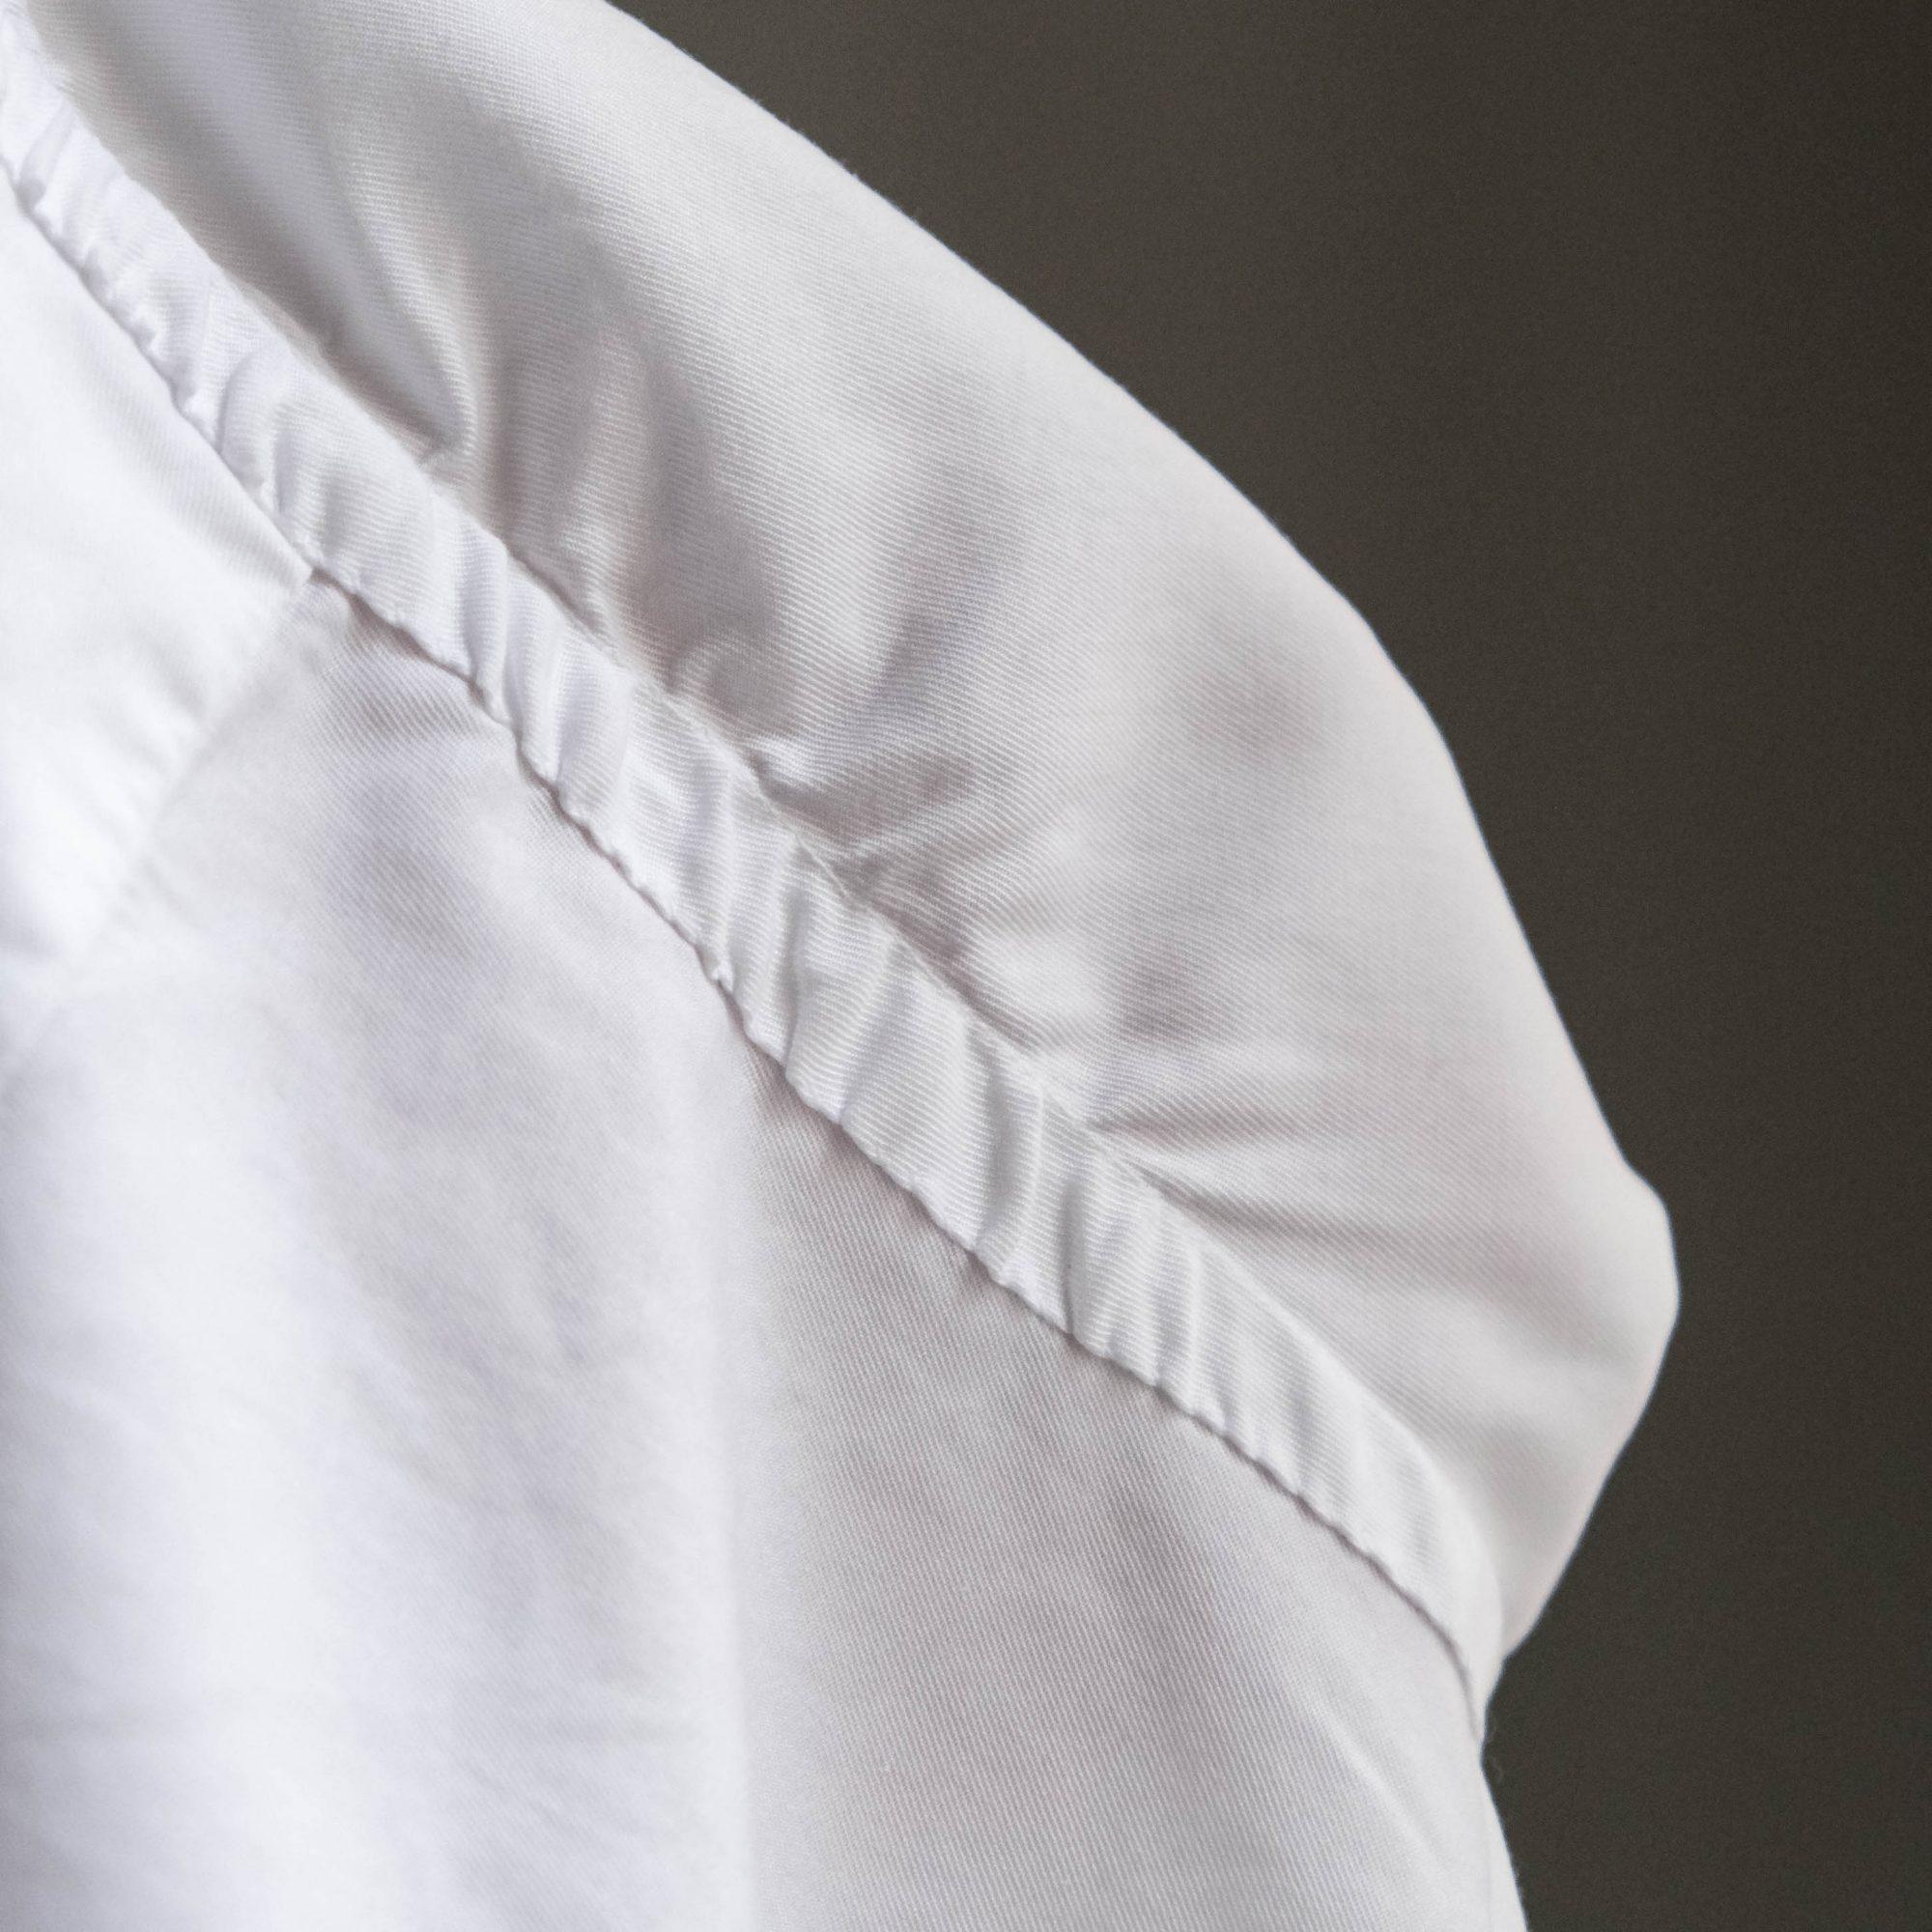 Le montage main de la manche d'une chemise sur-mesure Avino Laboratorio Napoletano.